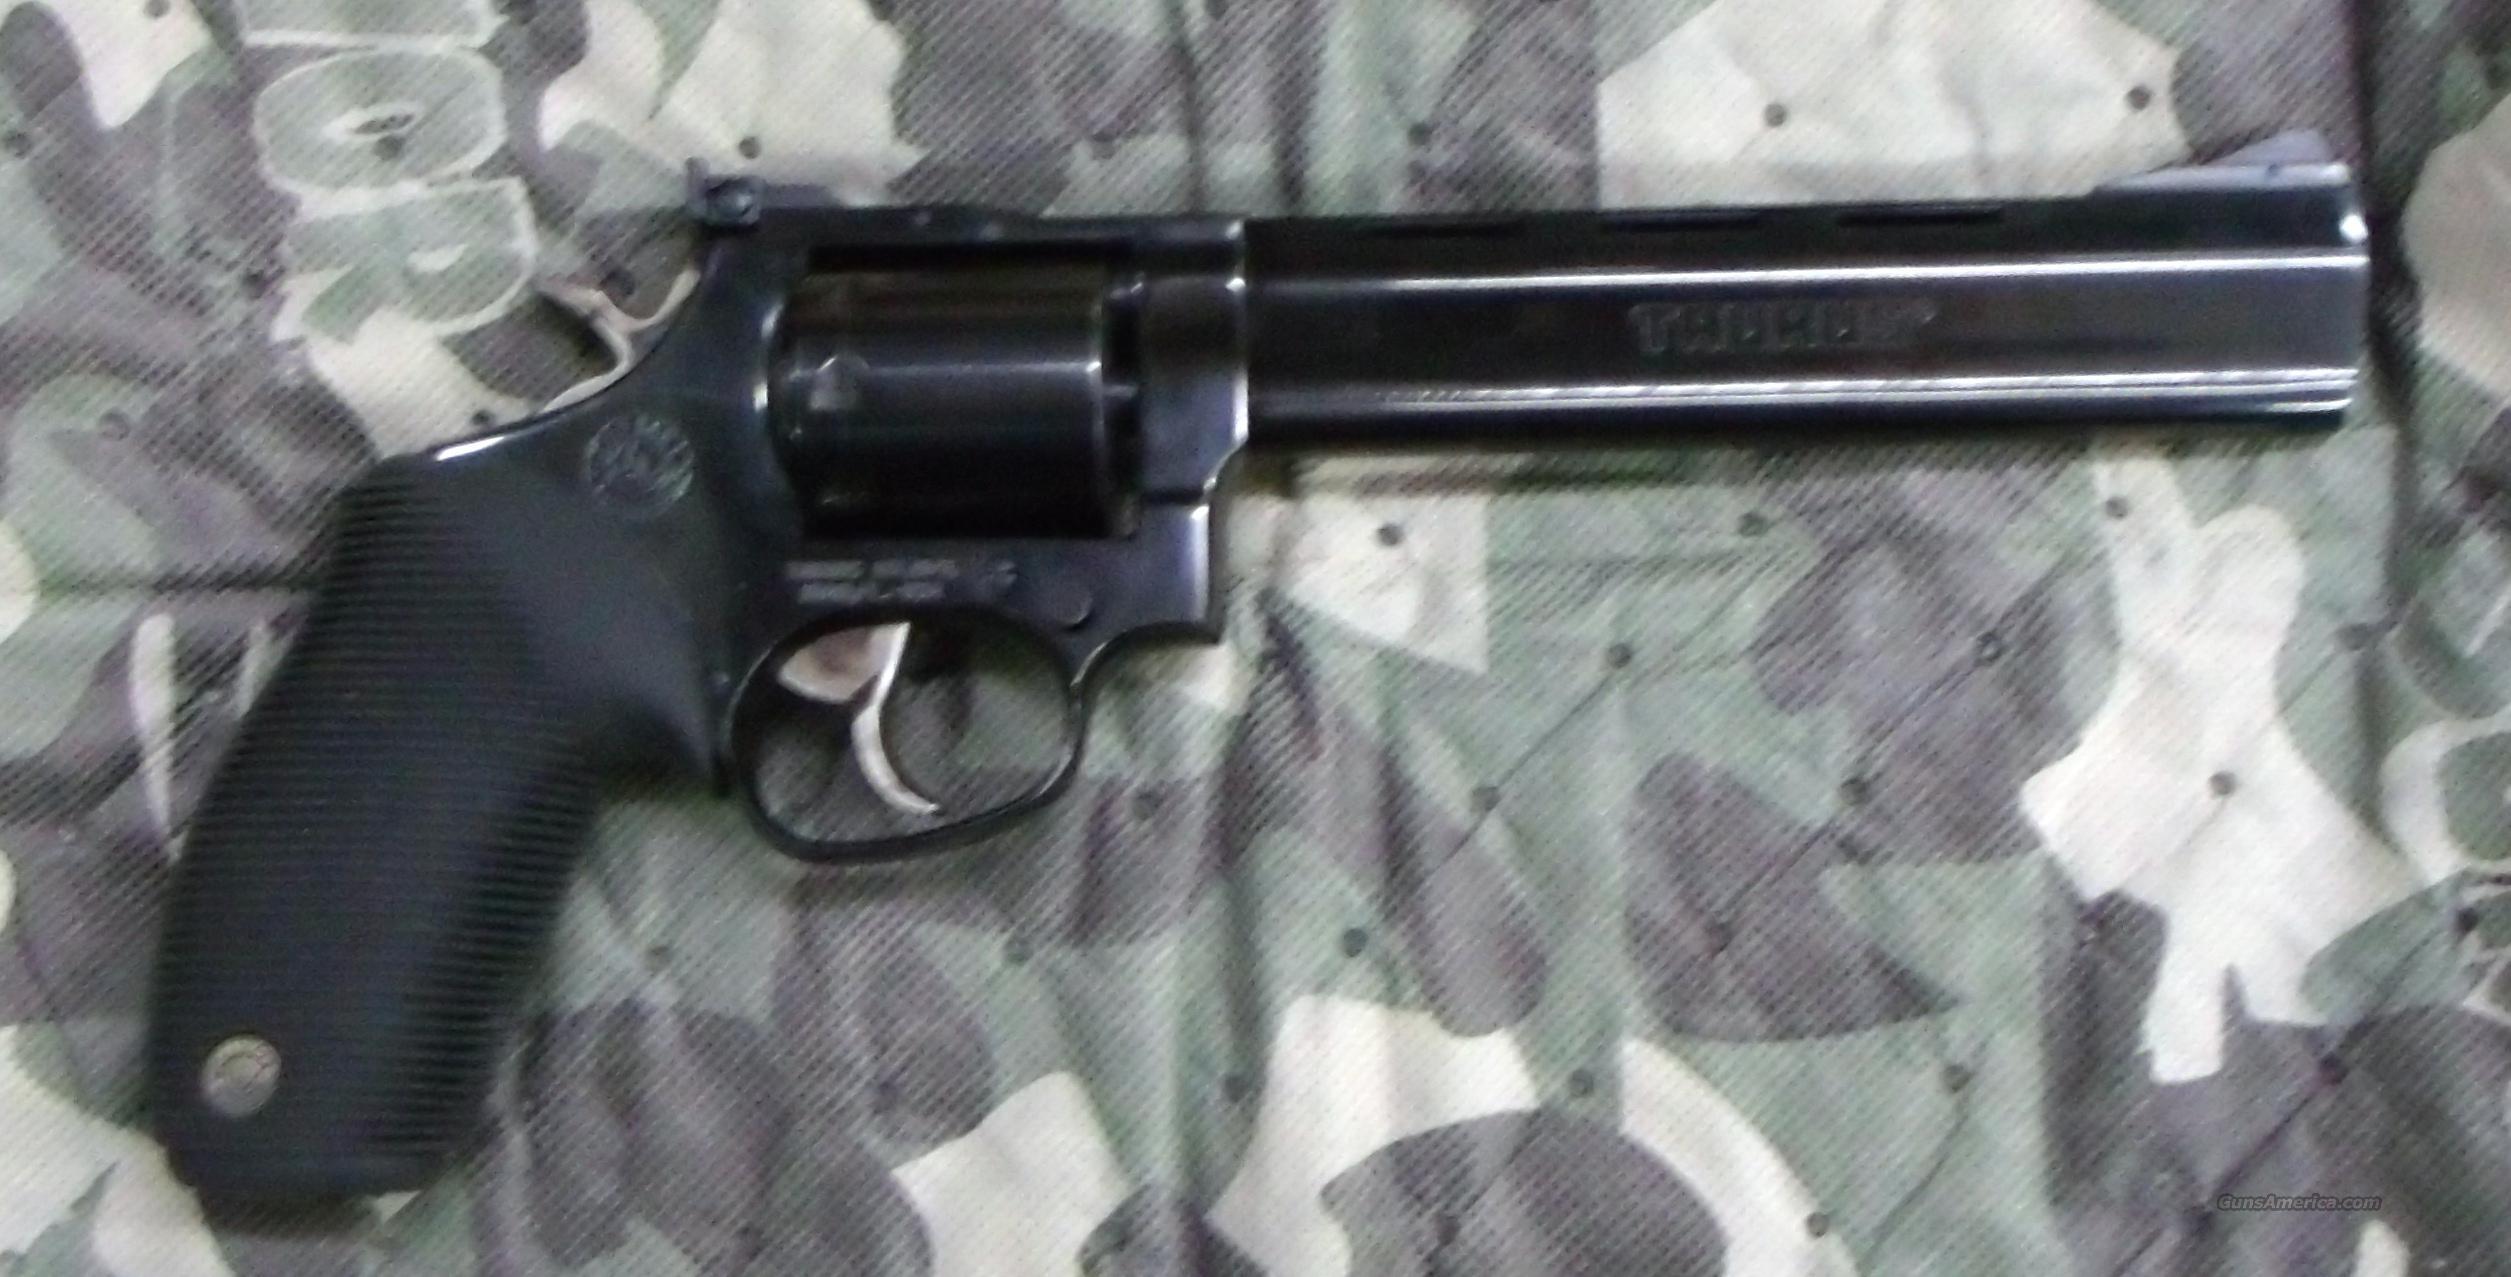 TAURUS Model 992 Conv. Revolver, 22LR/22WMR Cals.  Guns > Pistols > Taurus Pistols/Revolvers > Revolvers